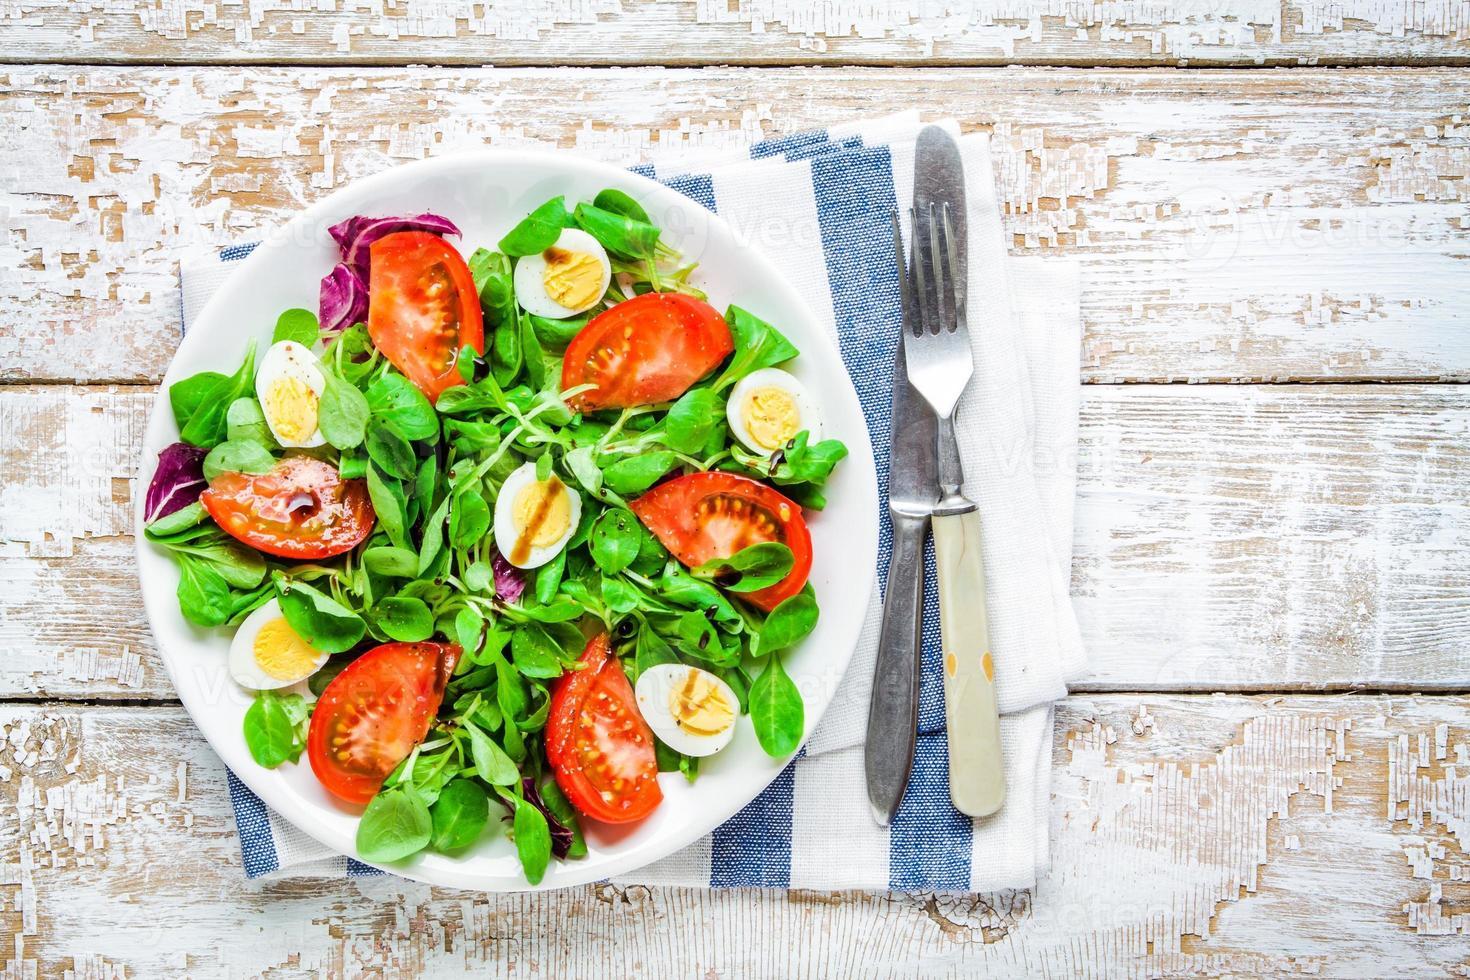 insalata verde fresca con lattuga di agnello, pomodori e uova di quaglia foto